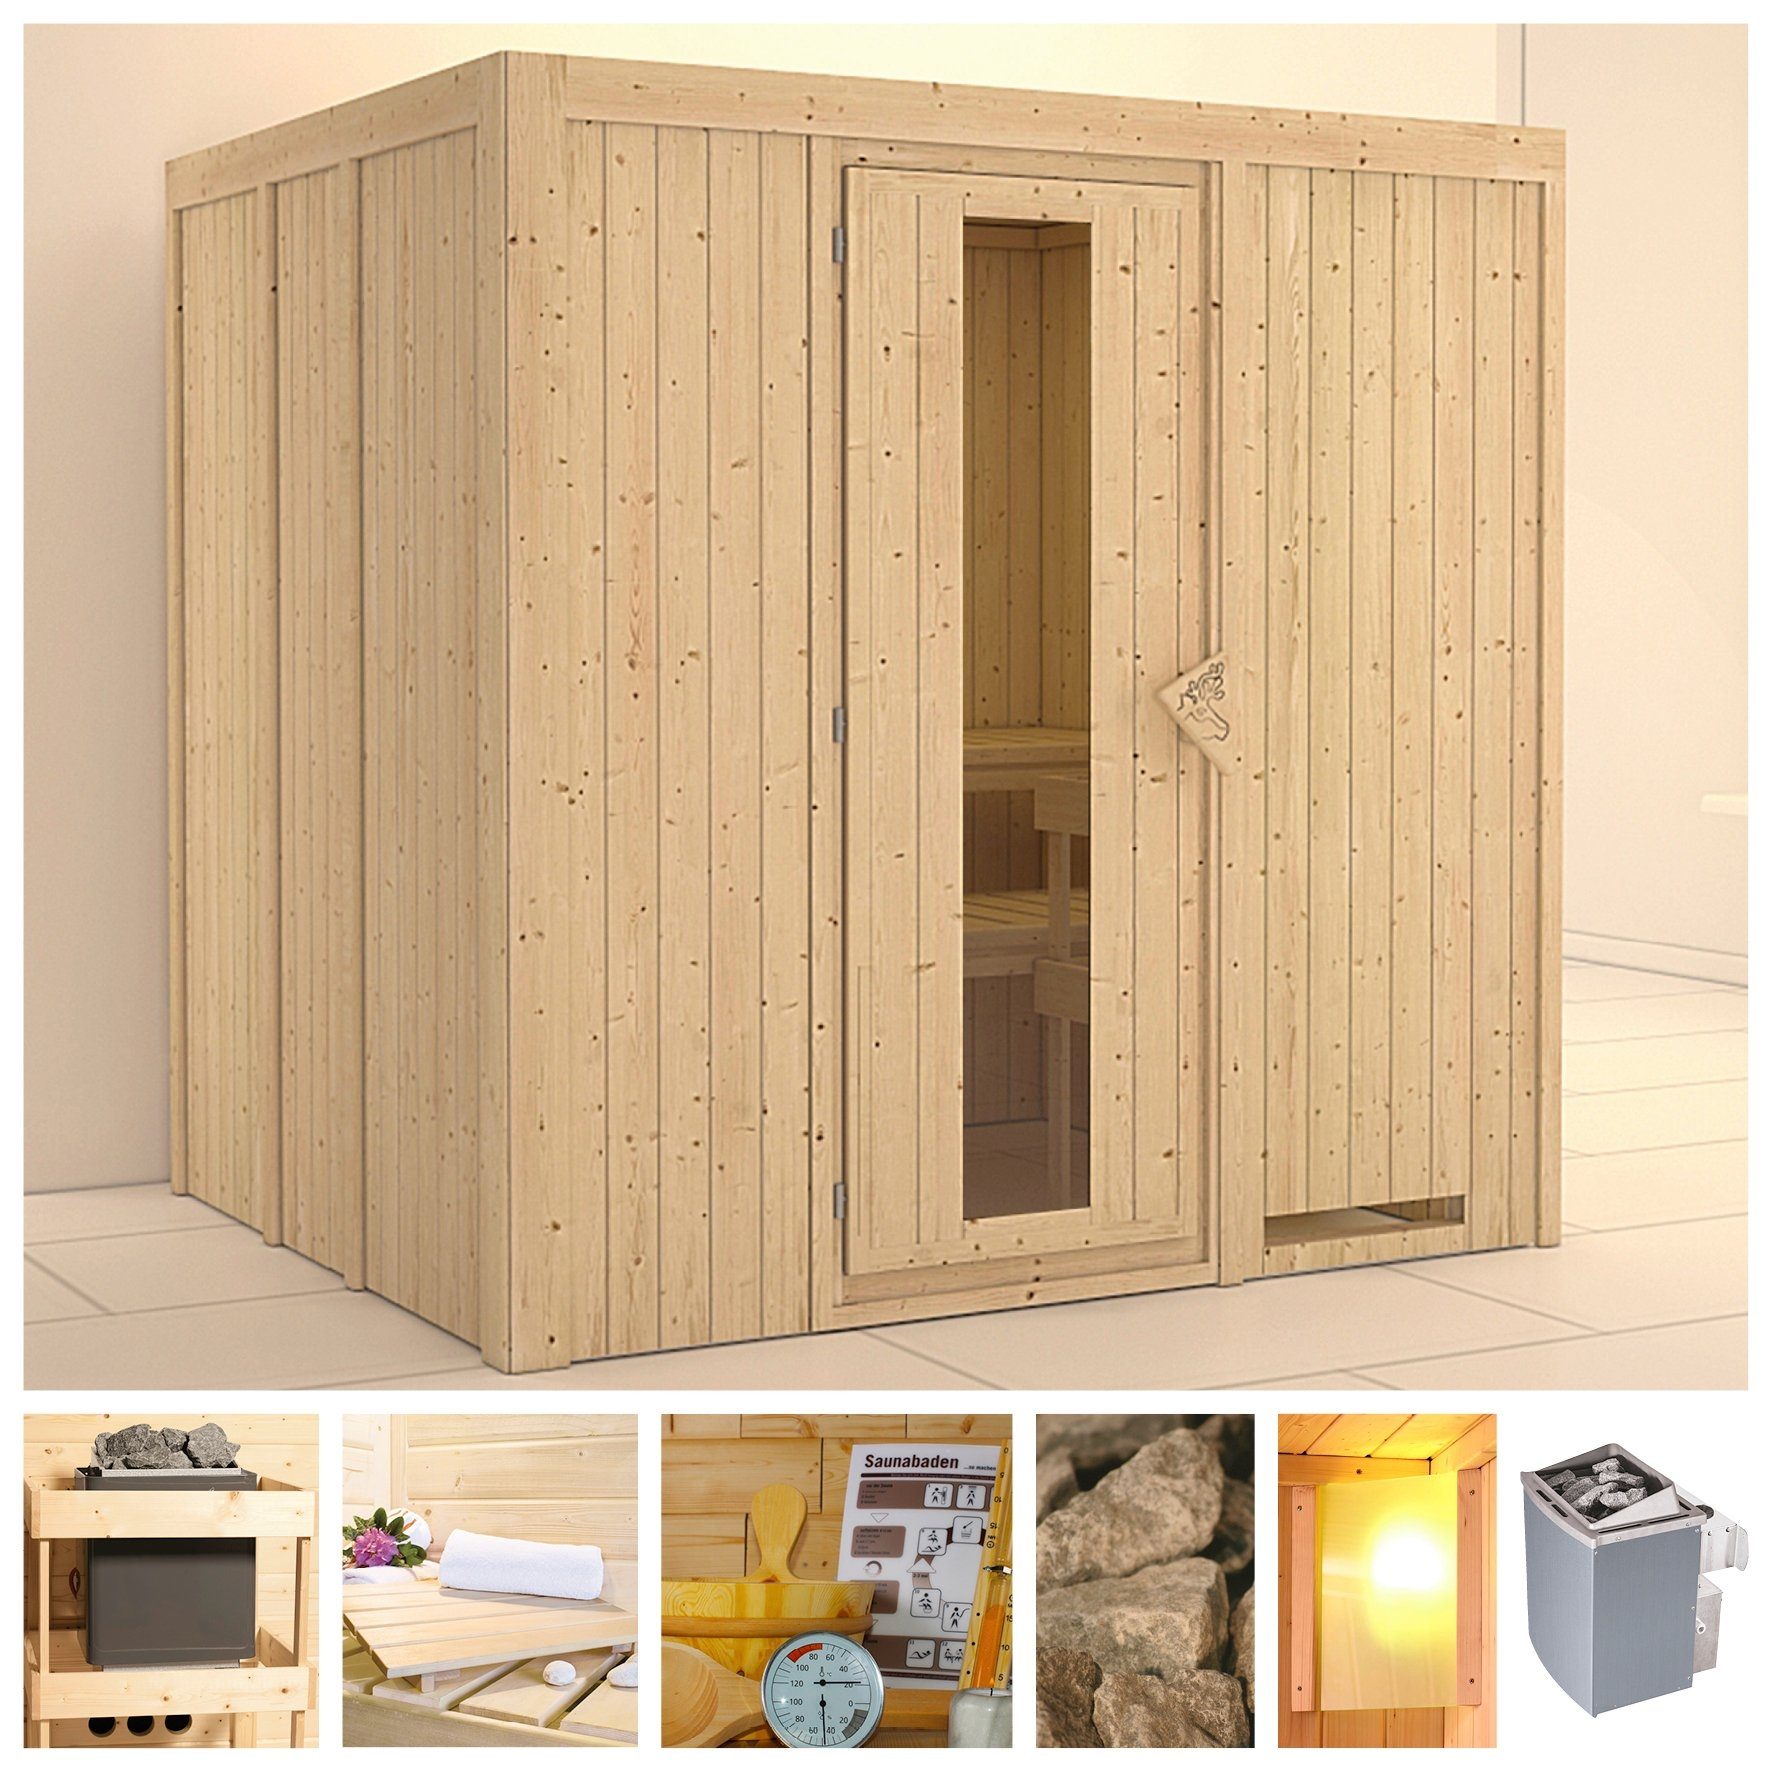 Op zoek naar een KONIFERA sauna »Sodin«, 196/170/198 cm, 9-kW-Ofen mit int. Steuerung, Holztür? Koop online bij OTTO